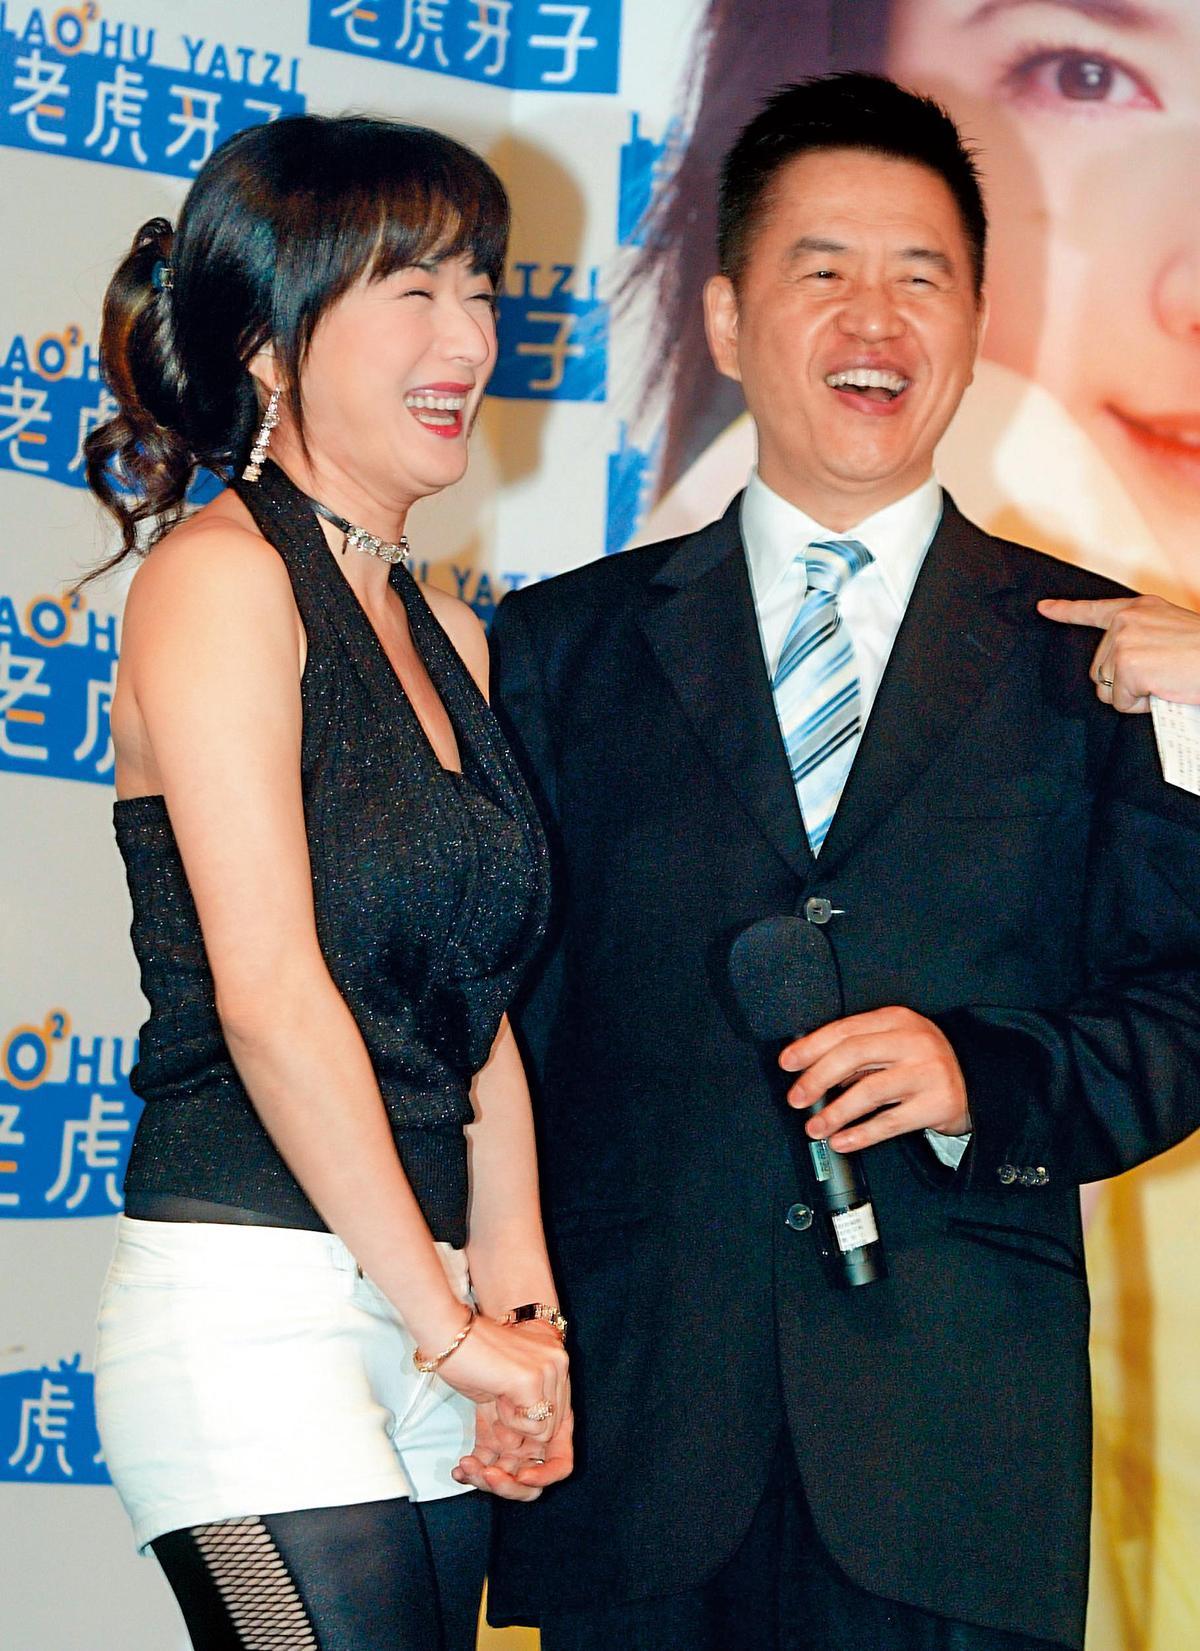 戈偉如和林志隆婚後四年,因為不適應豪門生活,加上林志隆疑似外遇而離婚。(東方IC)